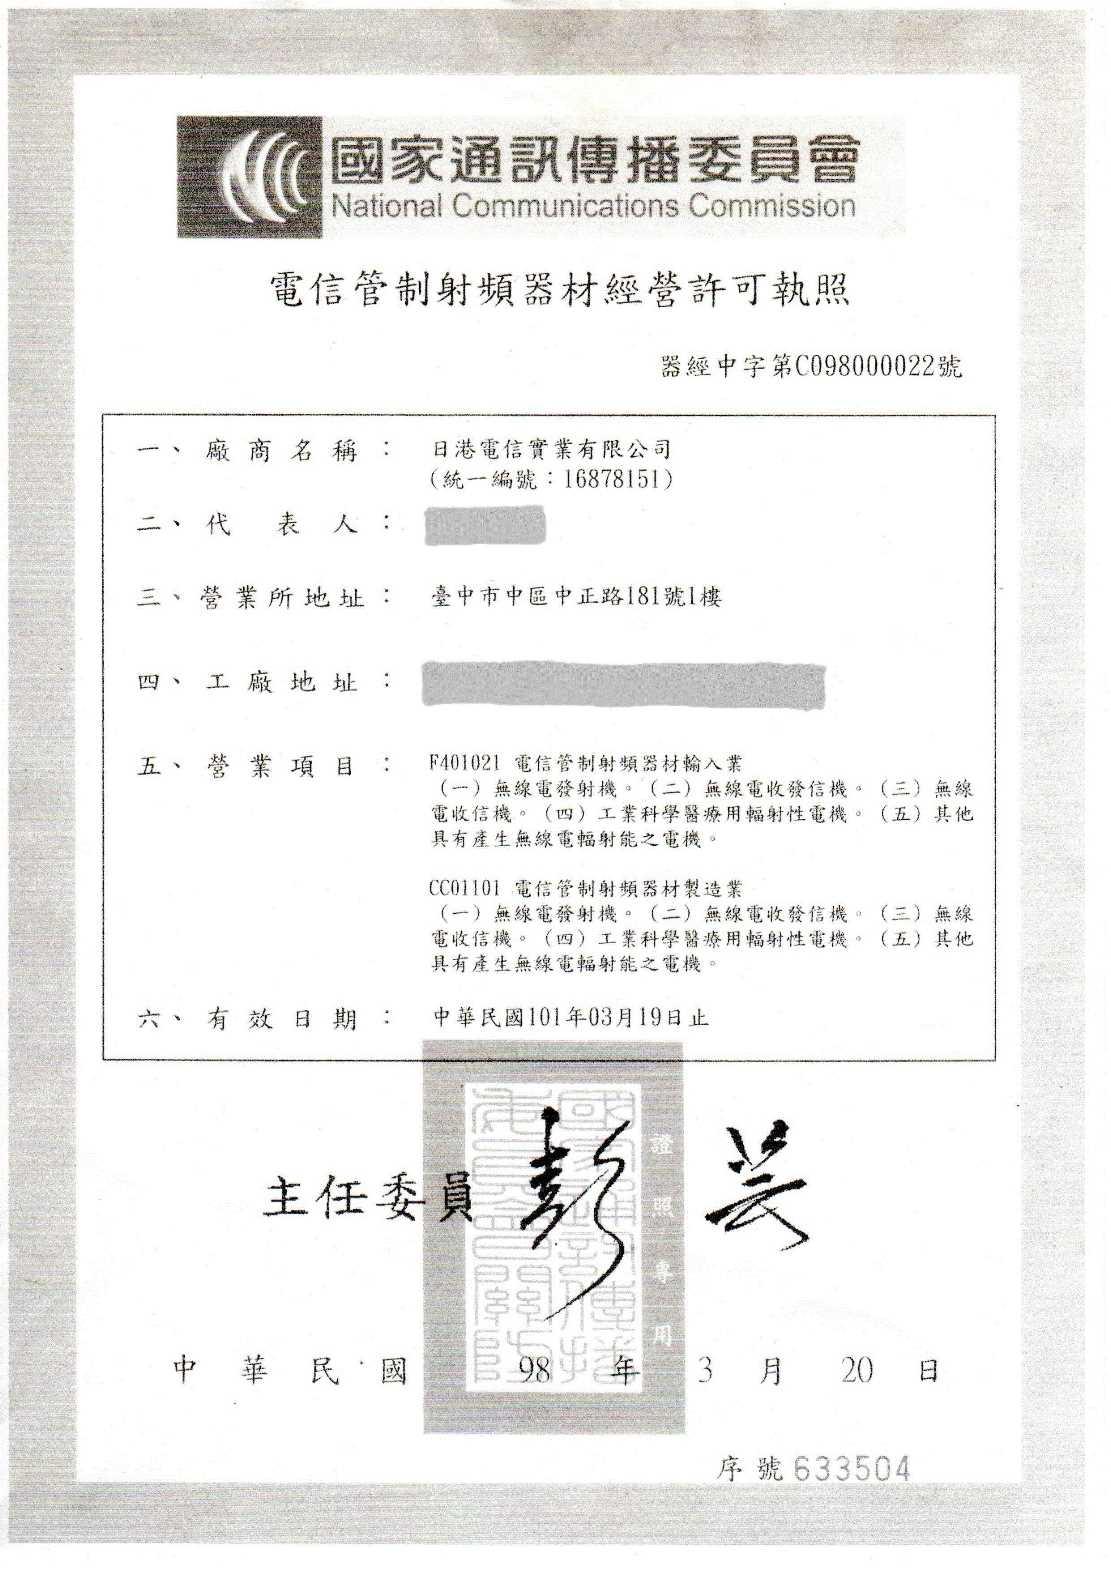 追蹤器 NCC許可執照